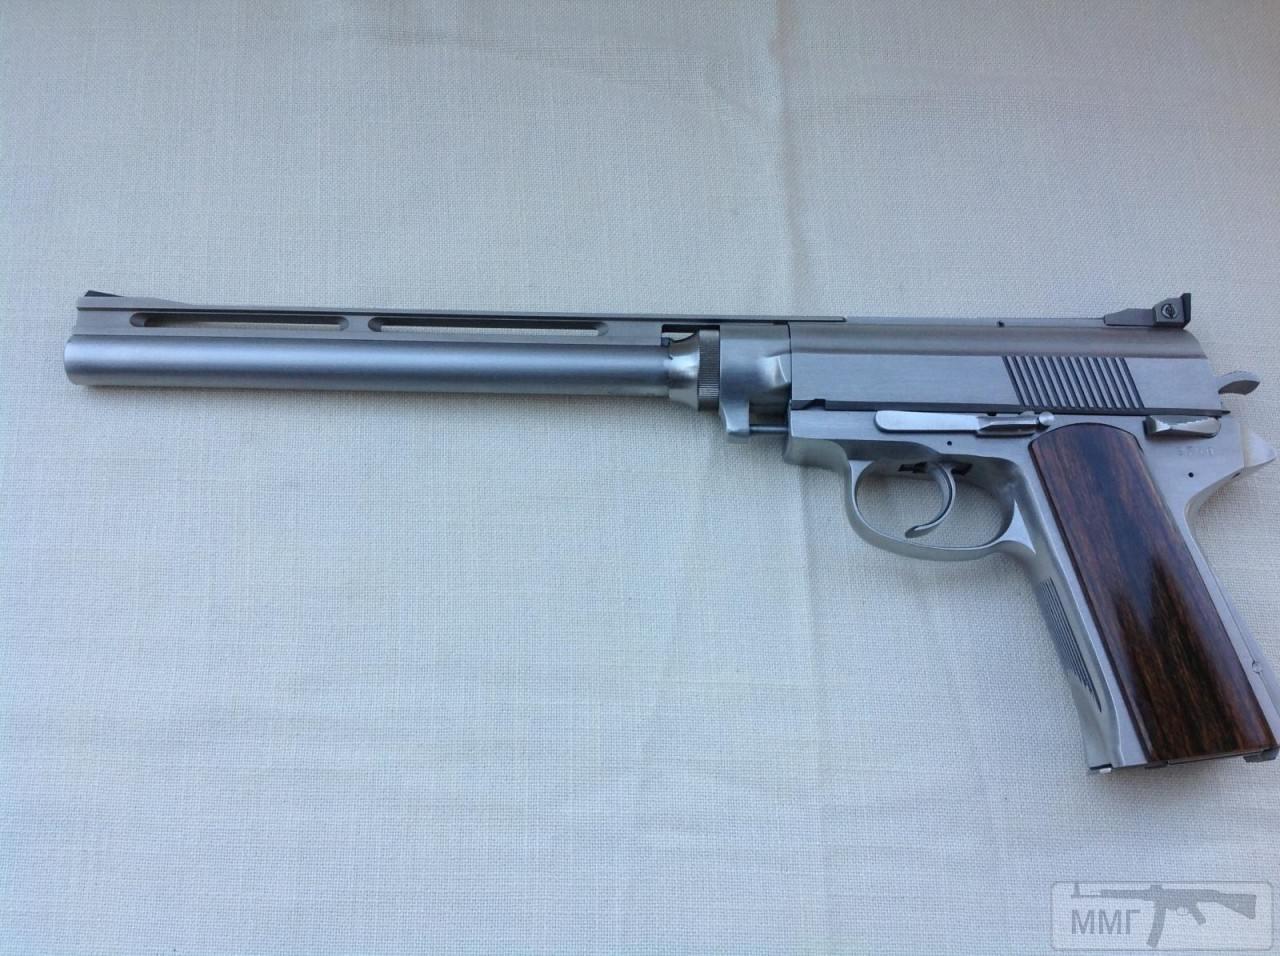 38670 - Перстень-револьвер и другое необычное оружие...